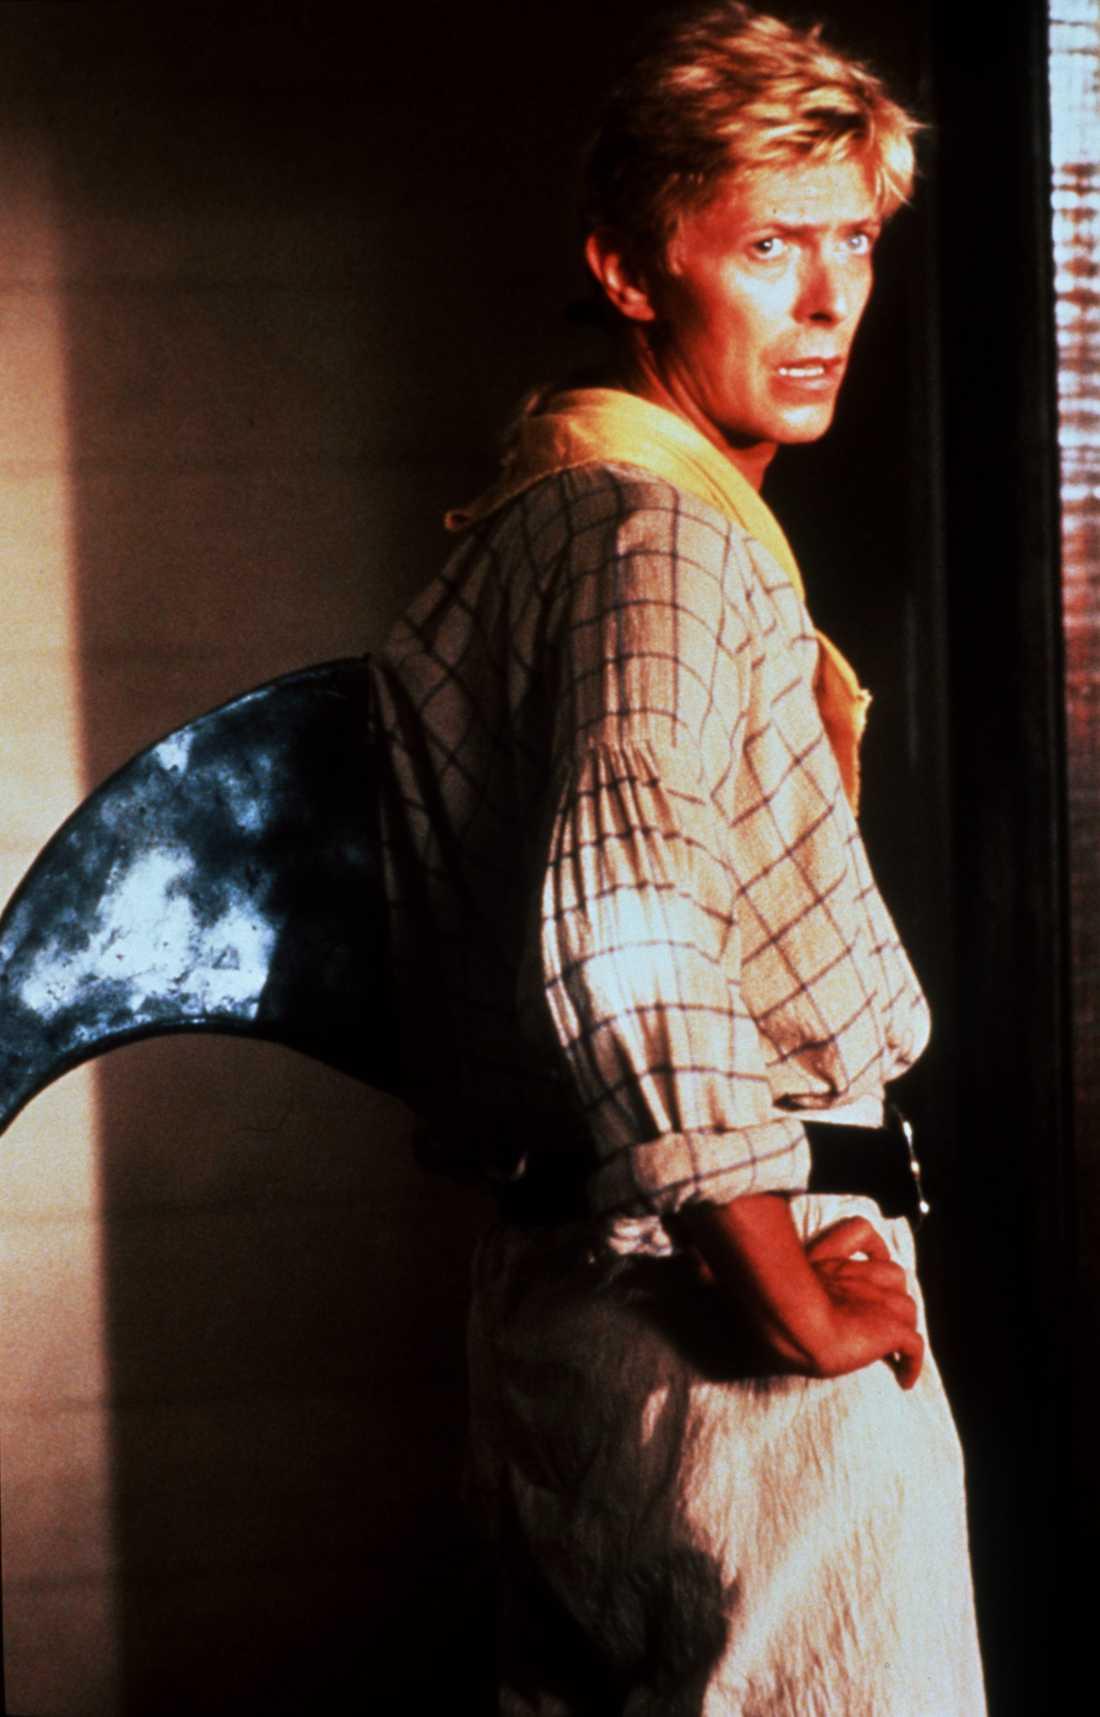 """I """"Kapten gulskägg – havets fasa"""" 1983, gjorde Bowie en cameo som haj."""